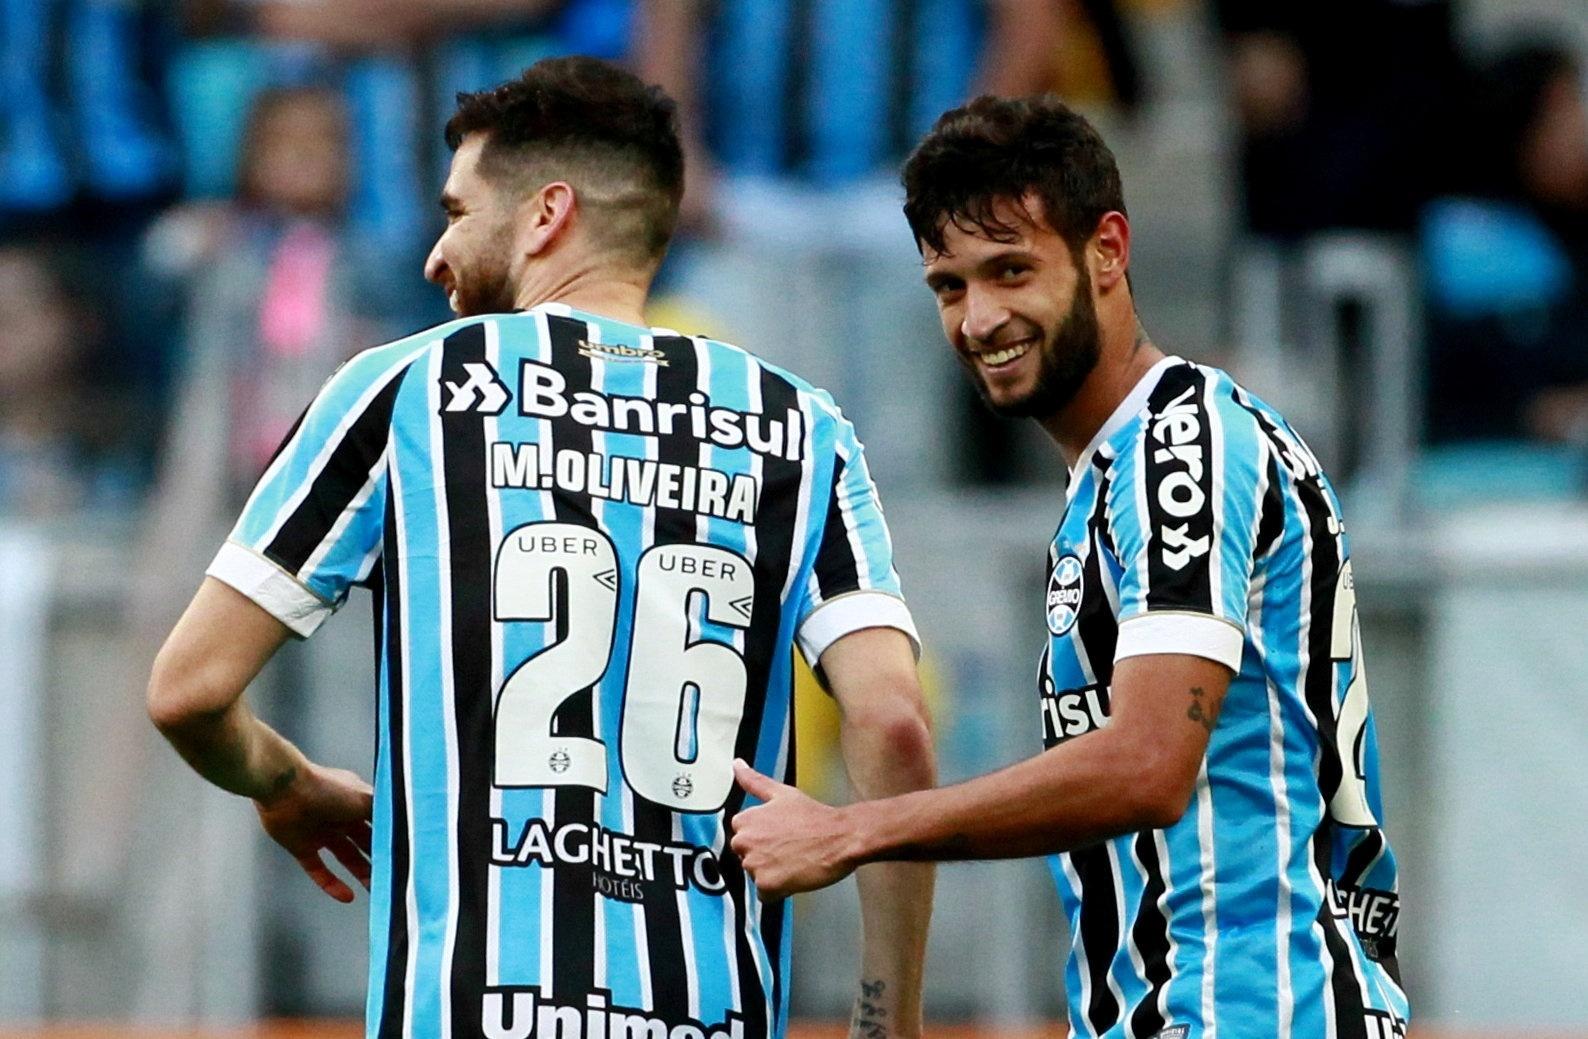 Grêmio fura retranca e bate Paraná por 2 a 0 com direito a gol de estreante  - 15 09 2018 - UOL Esporte 920516270dd3a